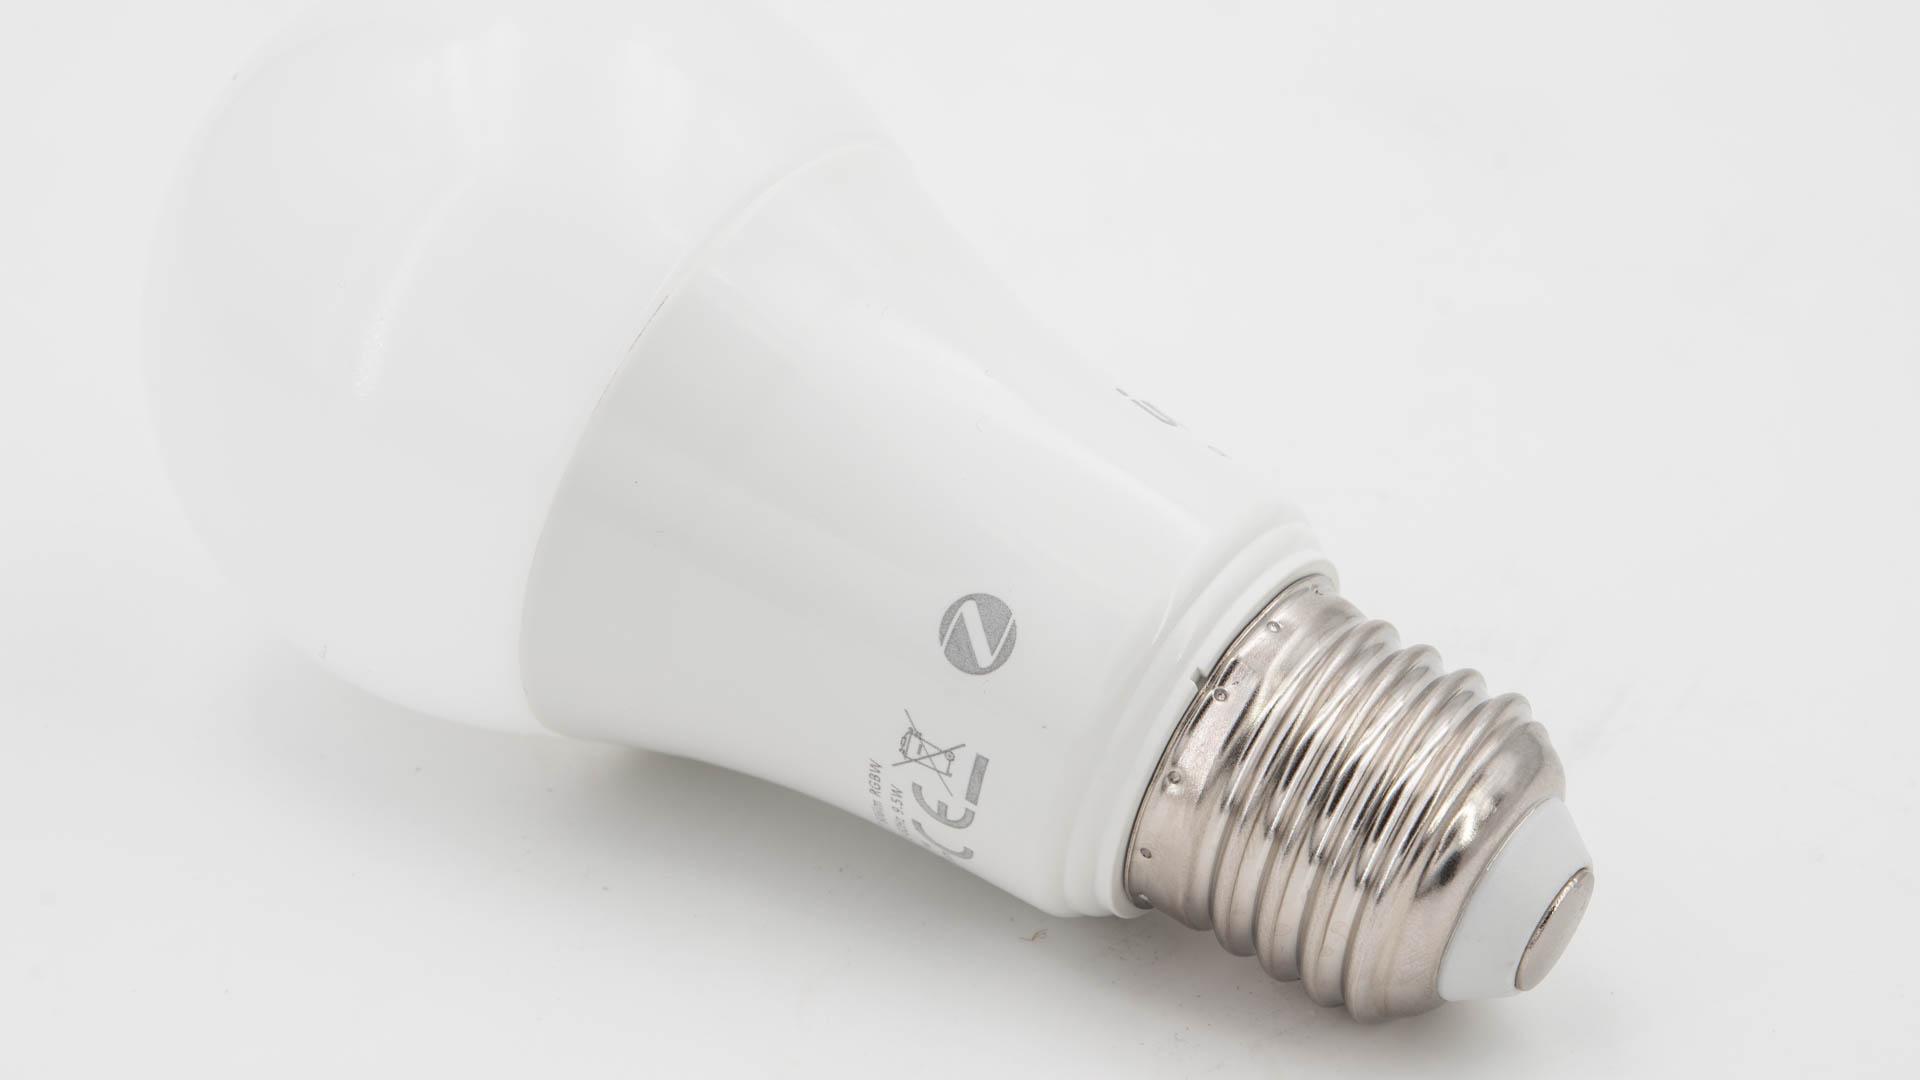 die neue innr e27 smart led lampe rb 285c im test weiterhin die beste alternative zu philips. Black Bedroom Furniture Sets. Home Design Ideas